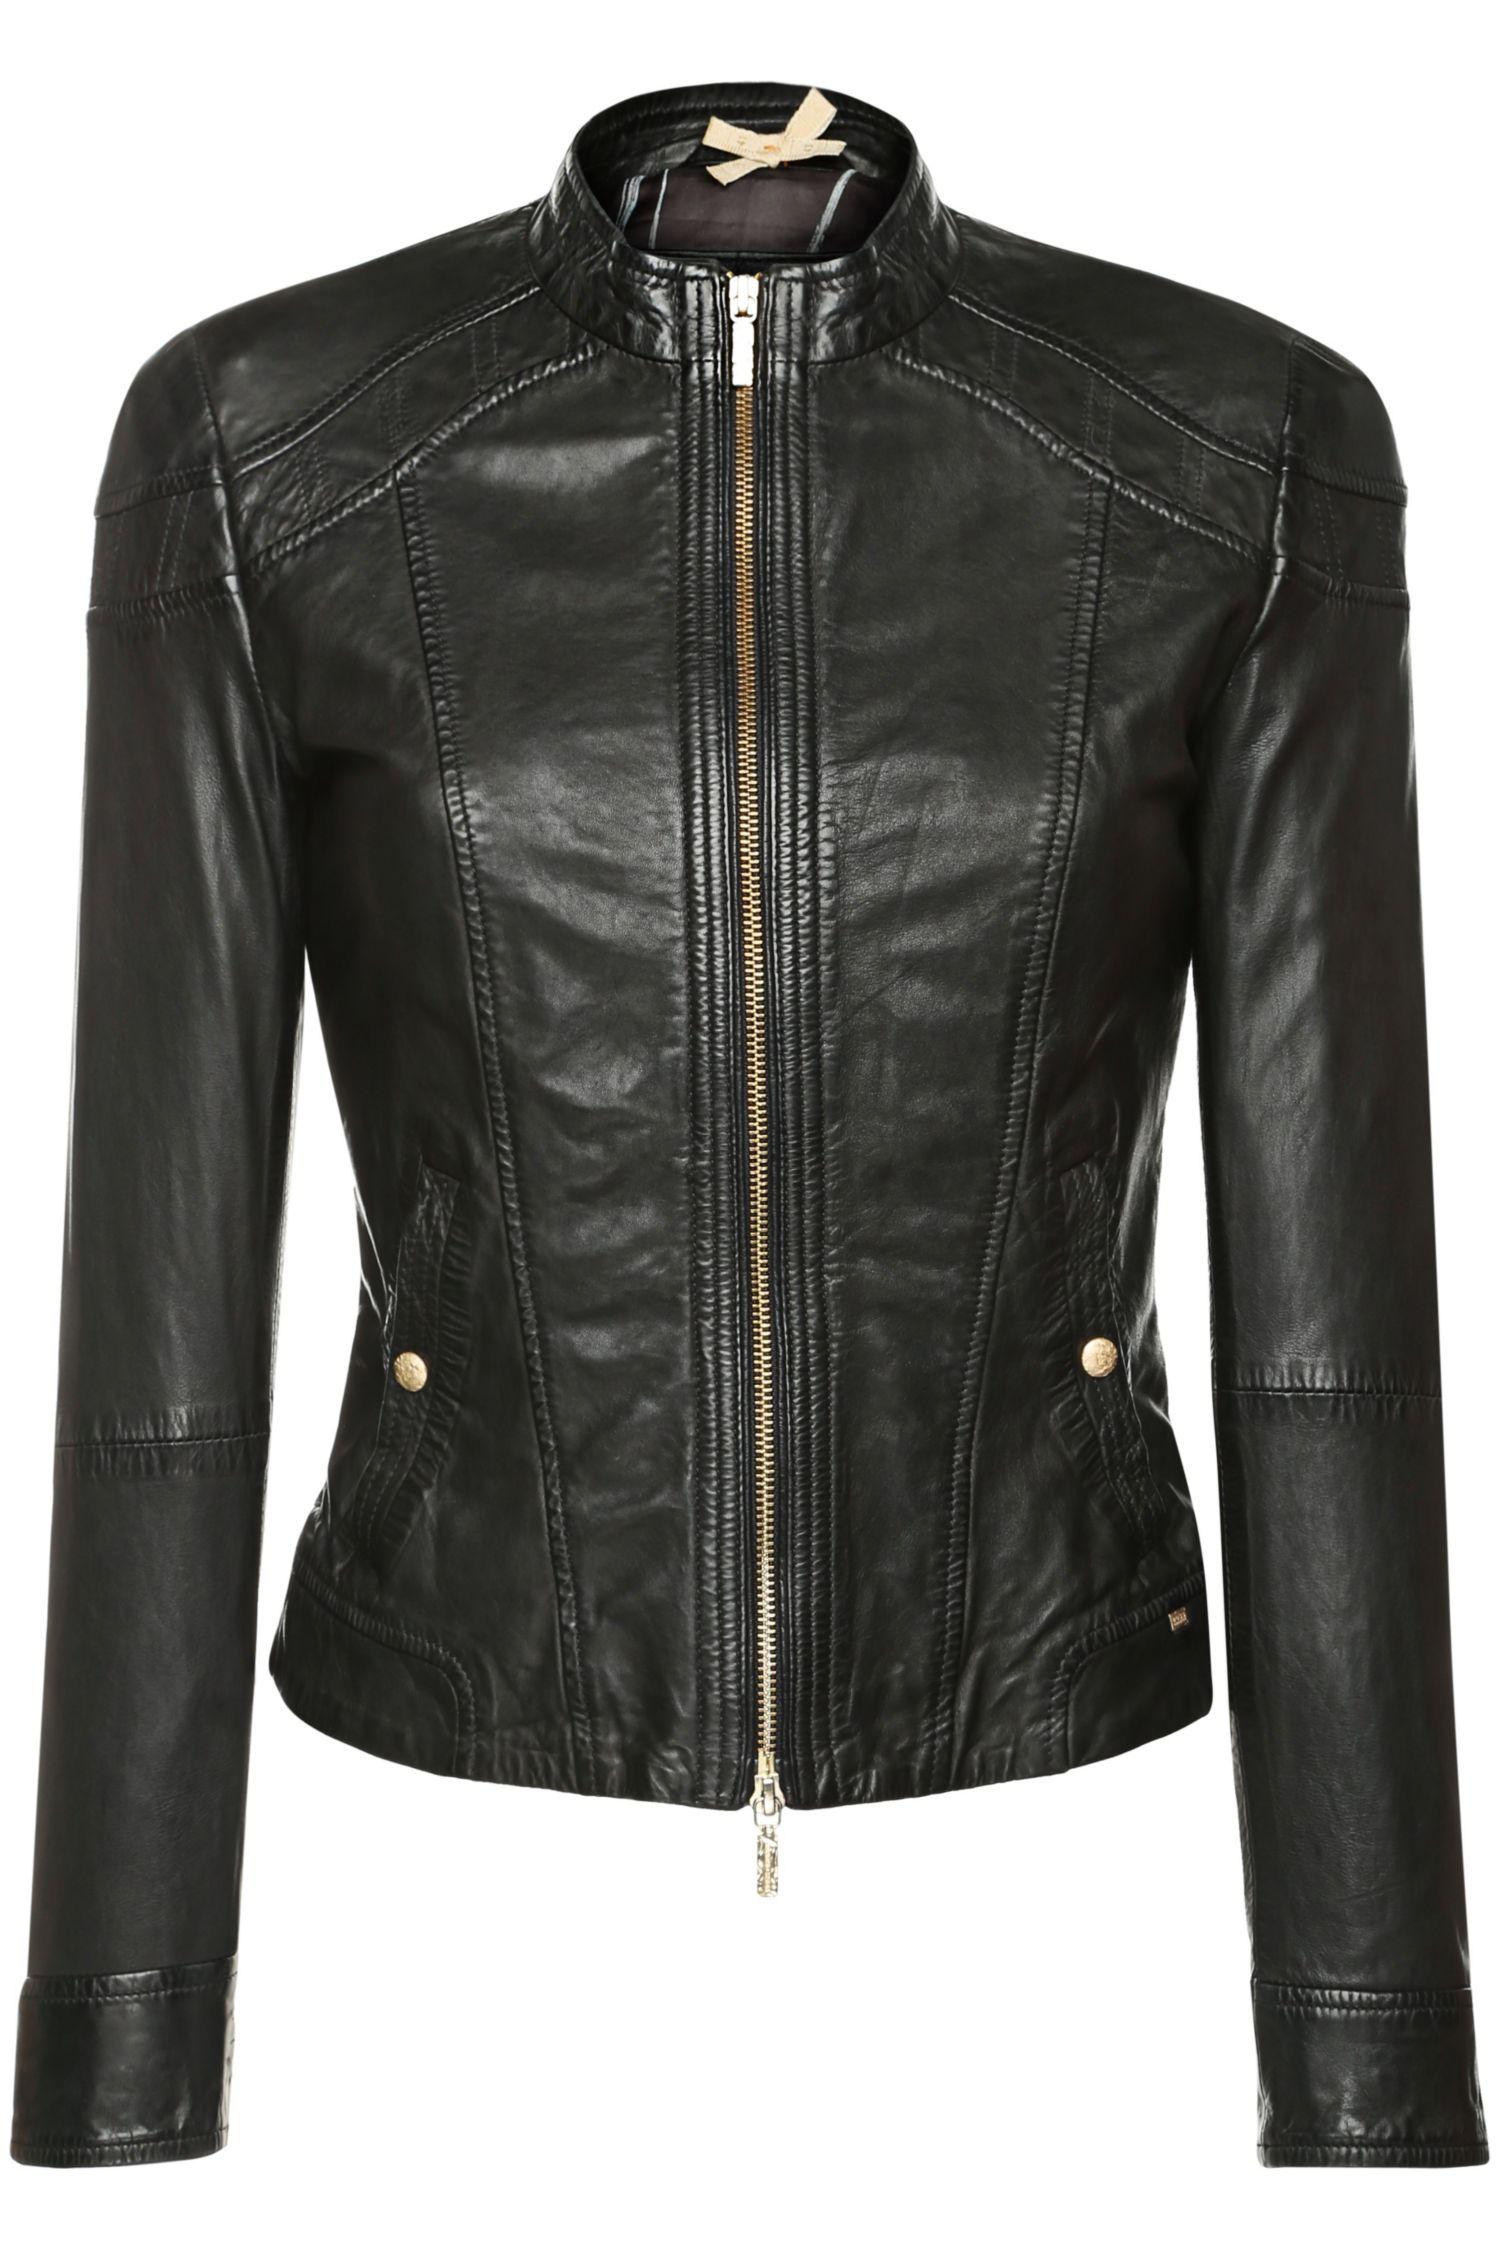 8759b424ca HUGO BOSS ORANGE 'Janassila2' Leather Jacket | Clothes and ...